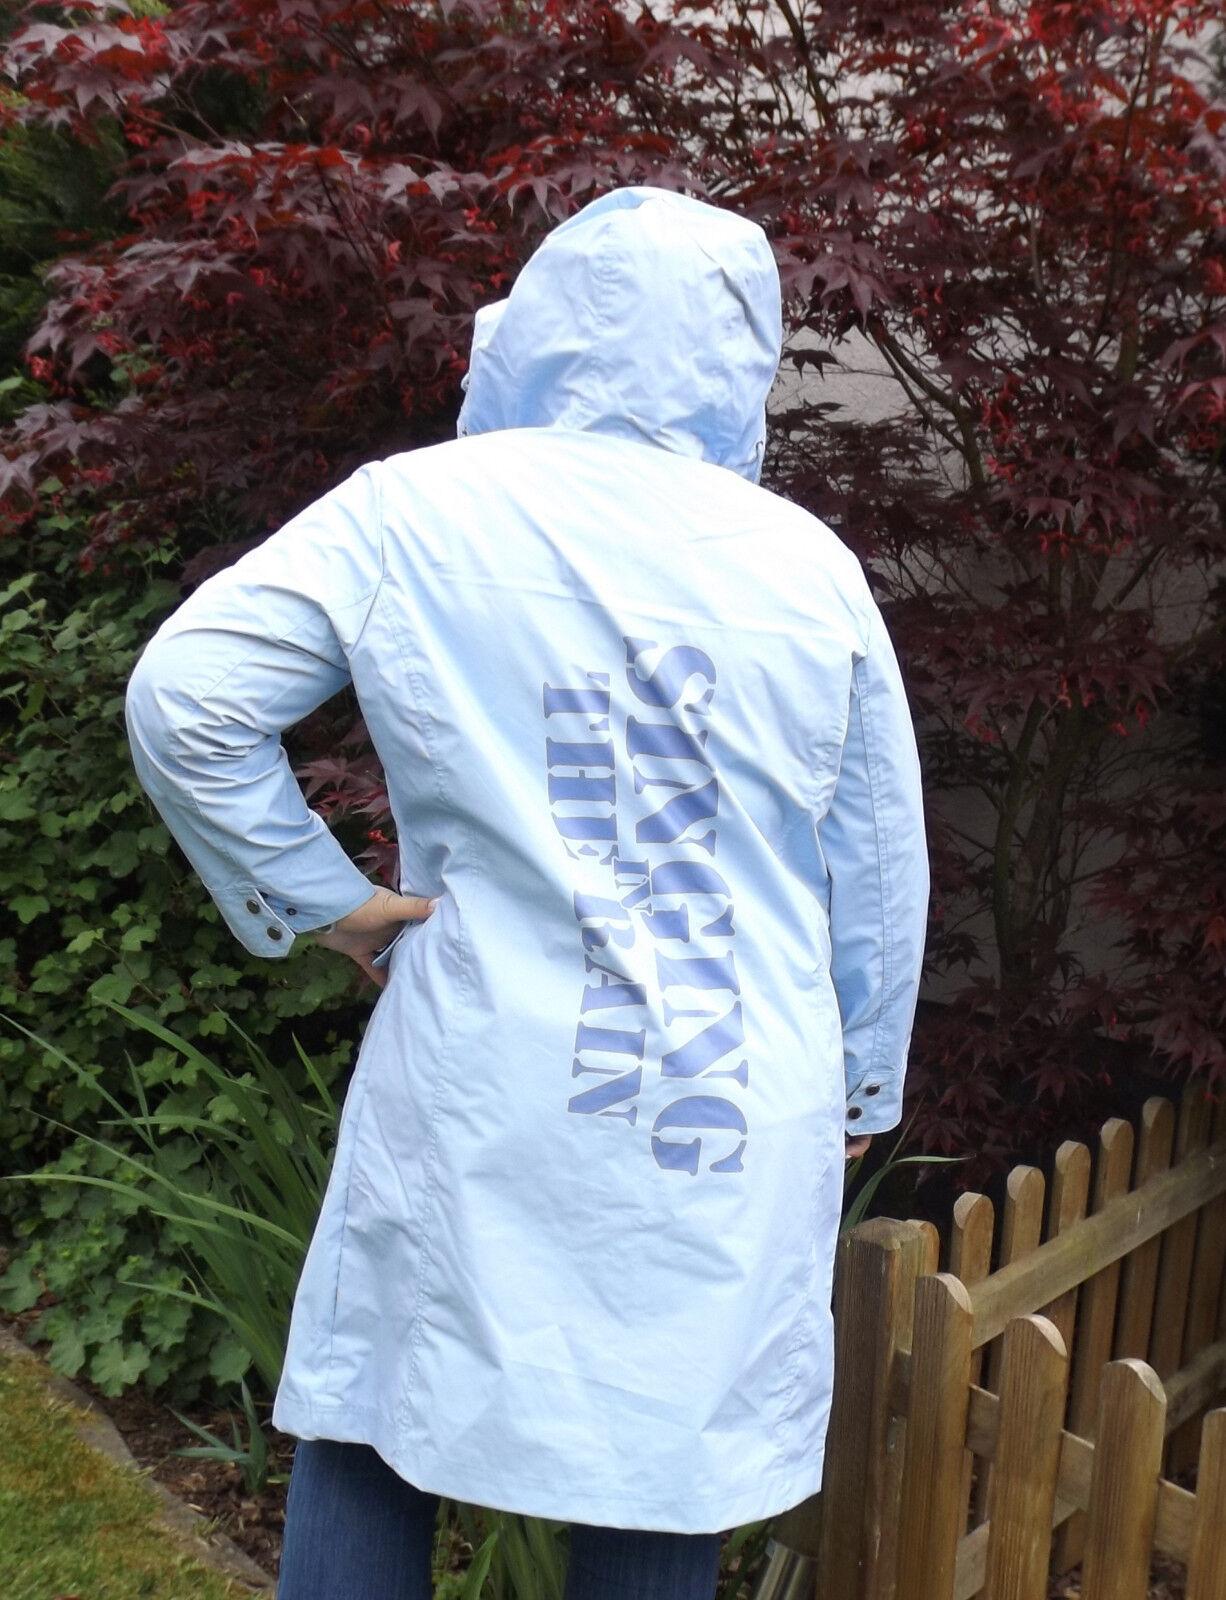 TRU RAIN   XS hellblau  Friesennerz  Raincoat  Regenmantel  Damen Regenjacke